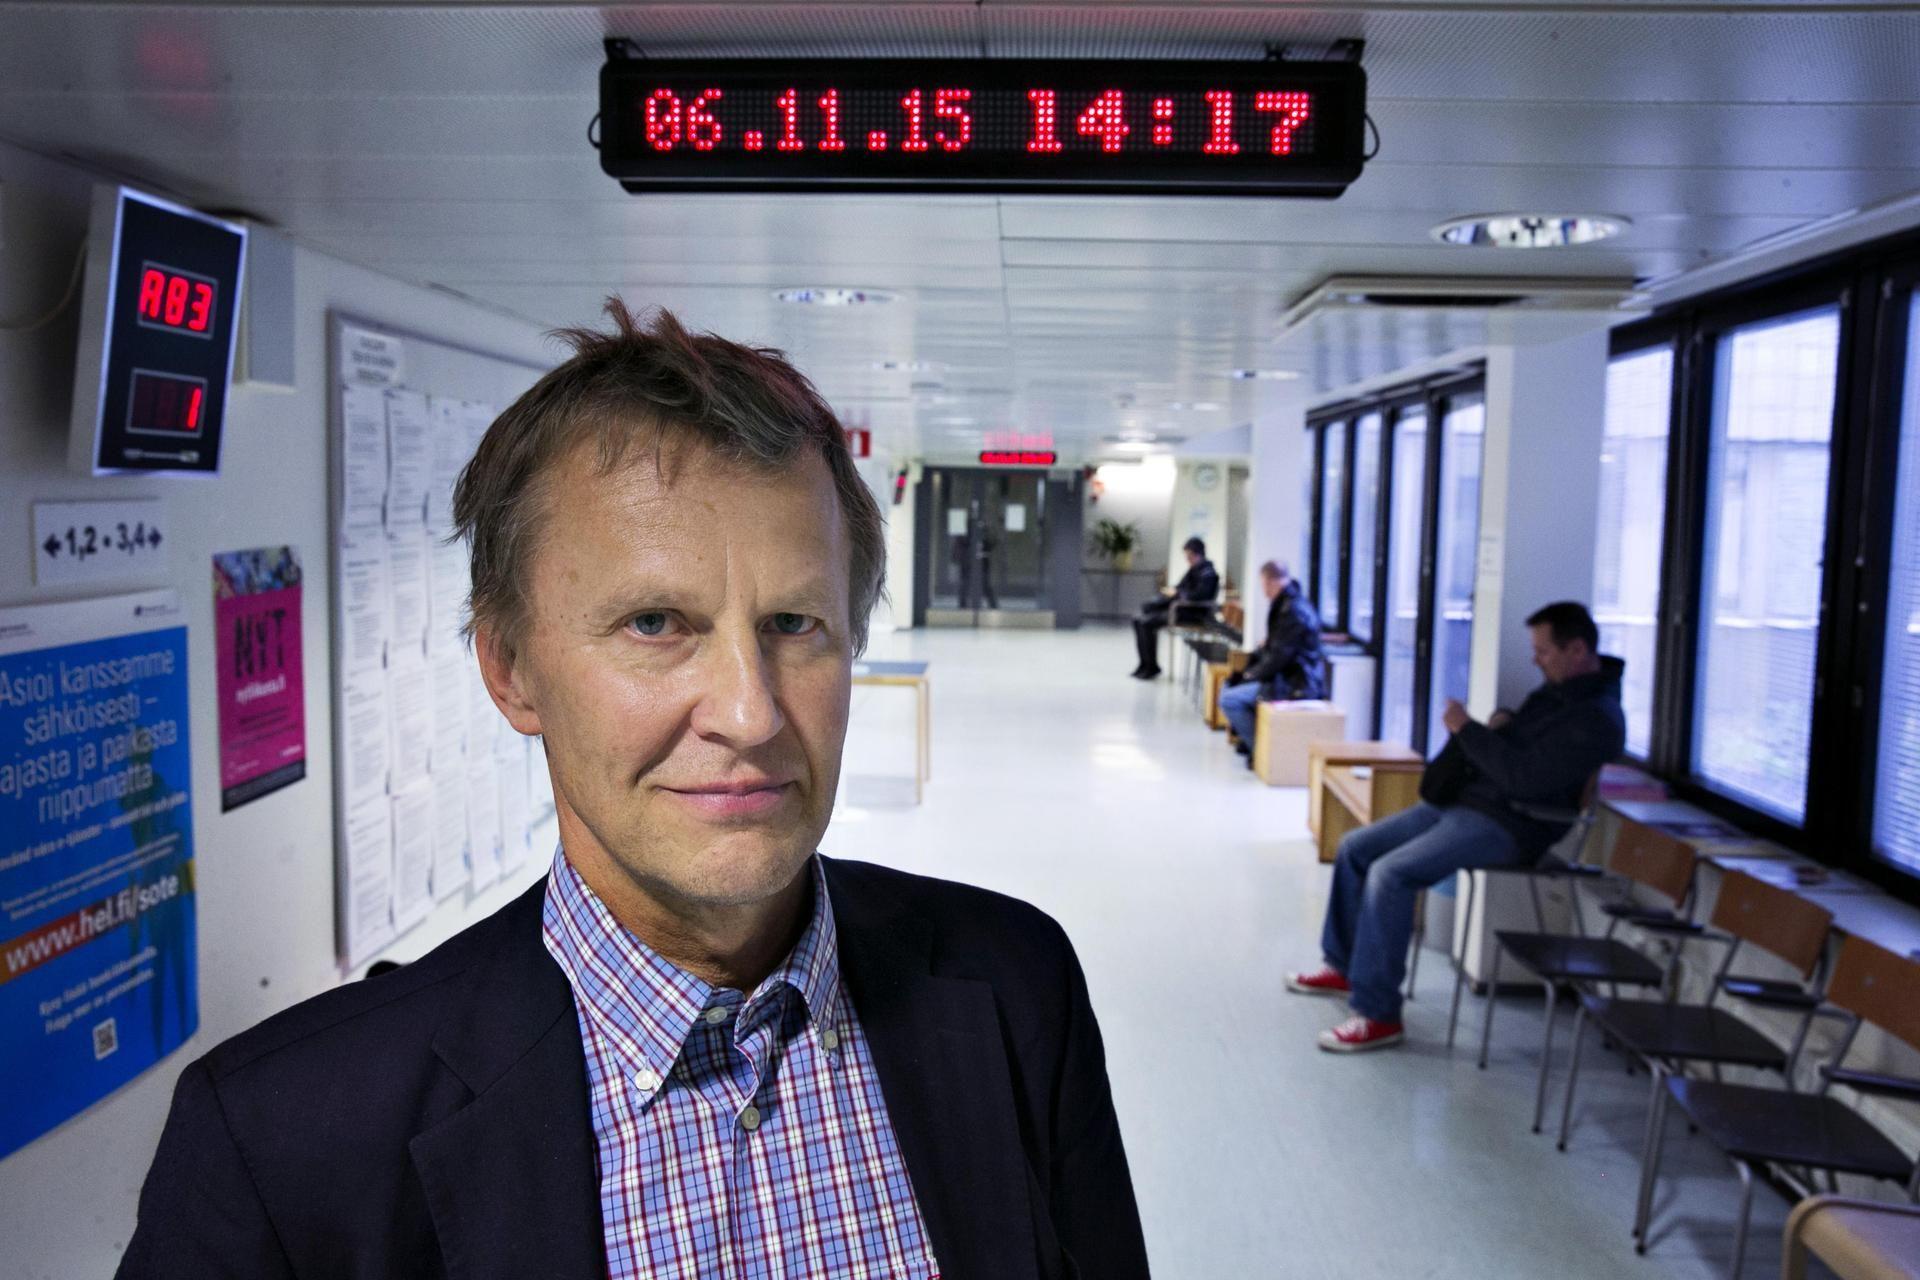 Helsingin johtajalääkäri Risto Mäkisen mielestä vastaanottoihin perustuva järjestelmä on keskiaikainen ja tarvitsee täydellisen remontin.